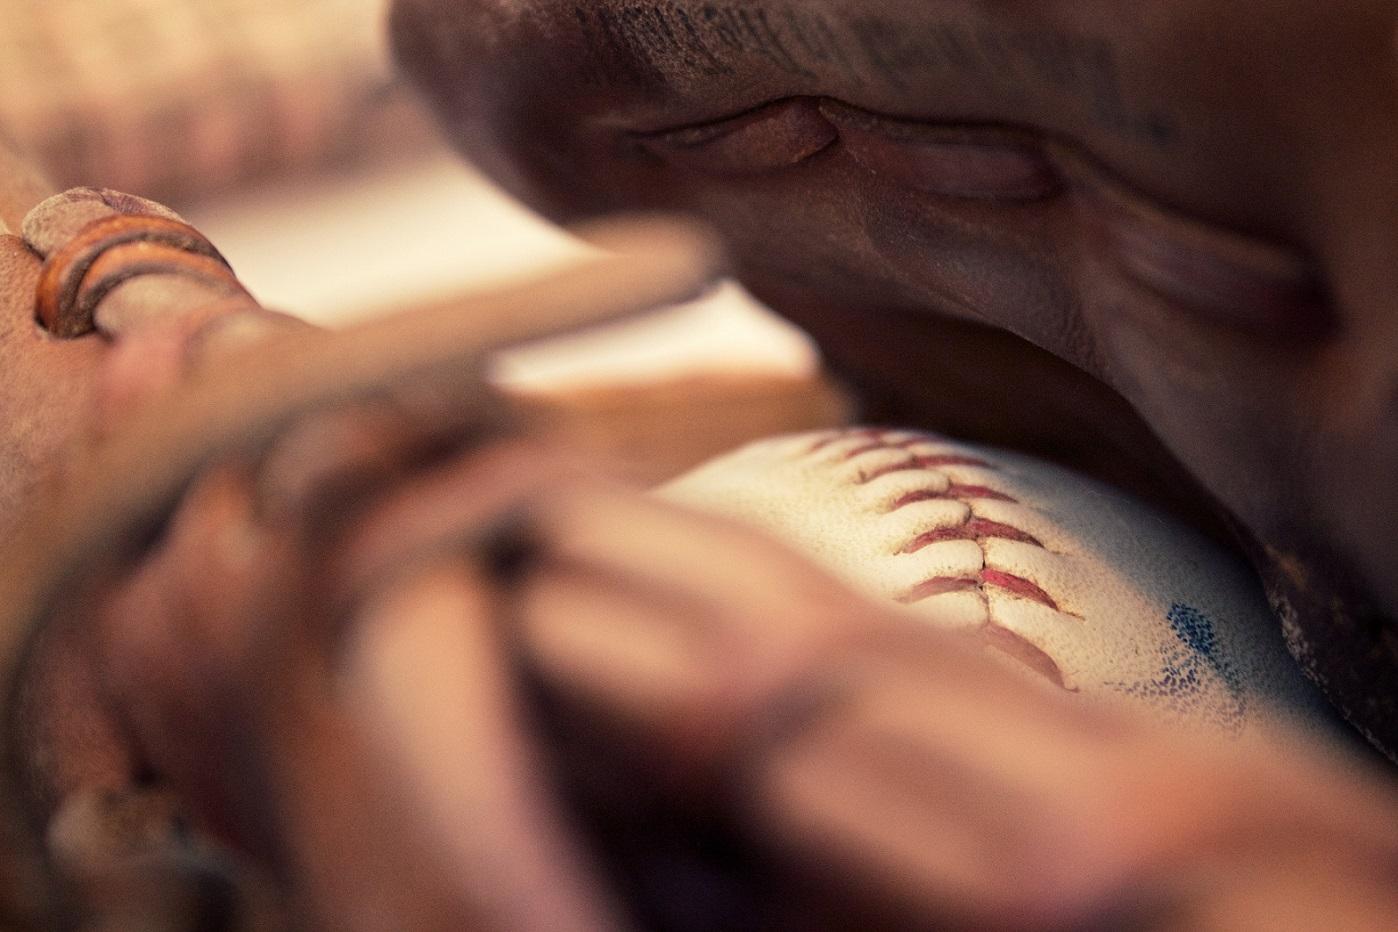 野球のドラフト会議の仕組みとは?ルールをわかりやすく解説